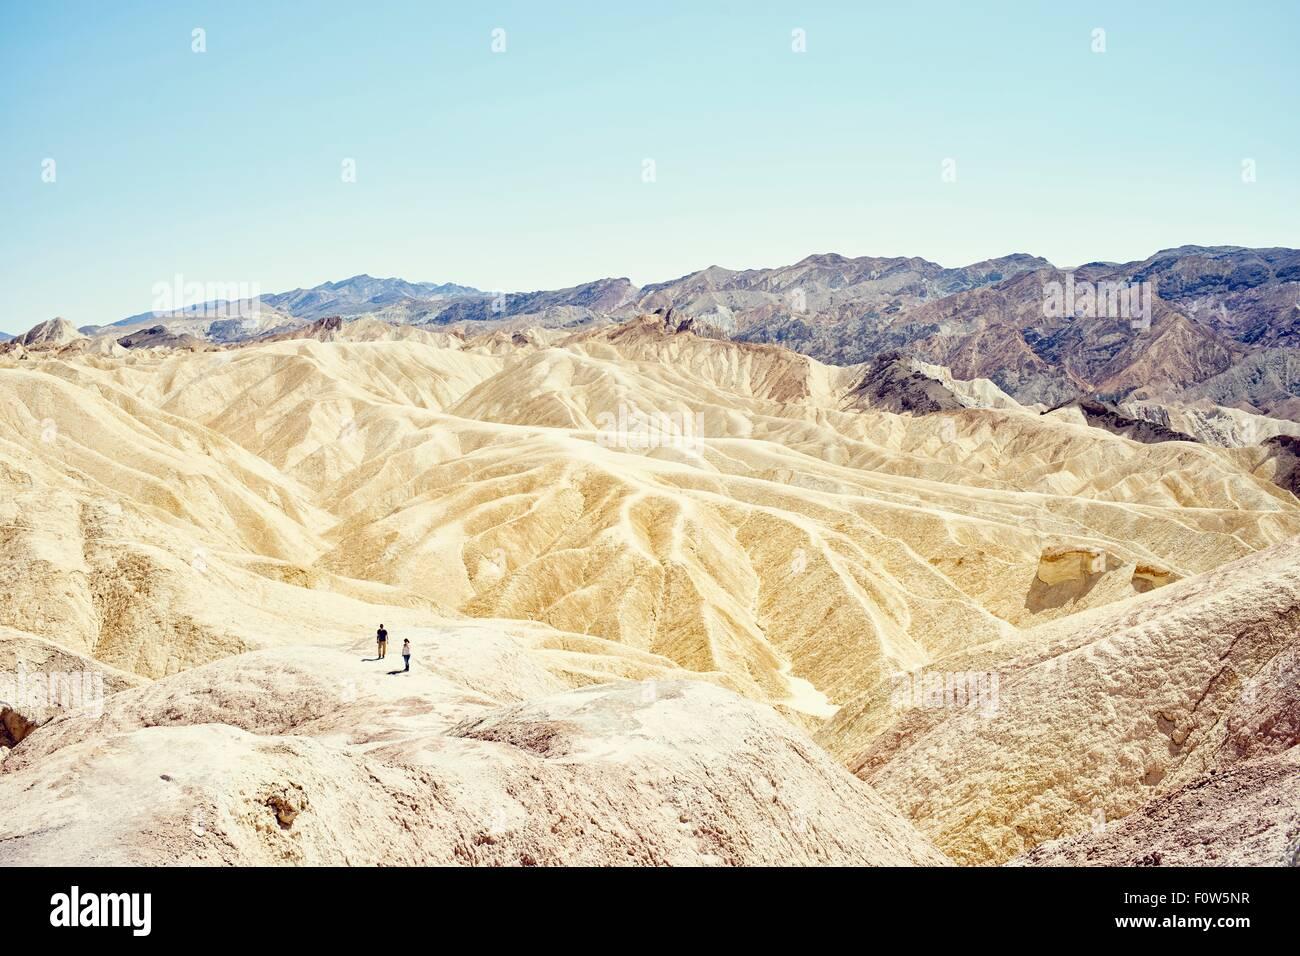 Blick auf zwei Touristen am Zabriskie Point, Death Valley, Kalifornien, USA Stockbild